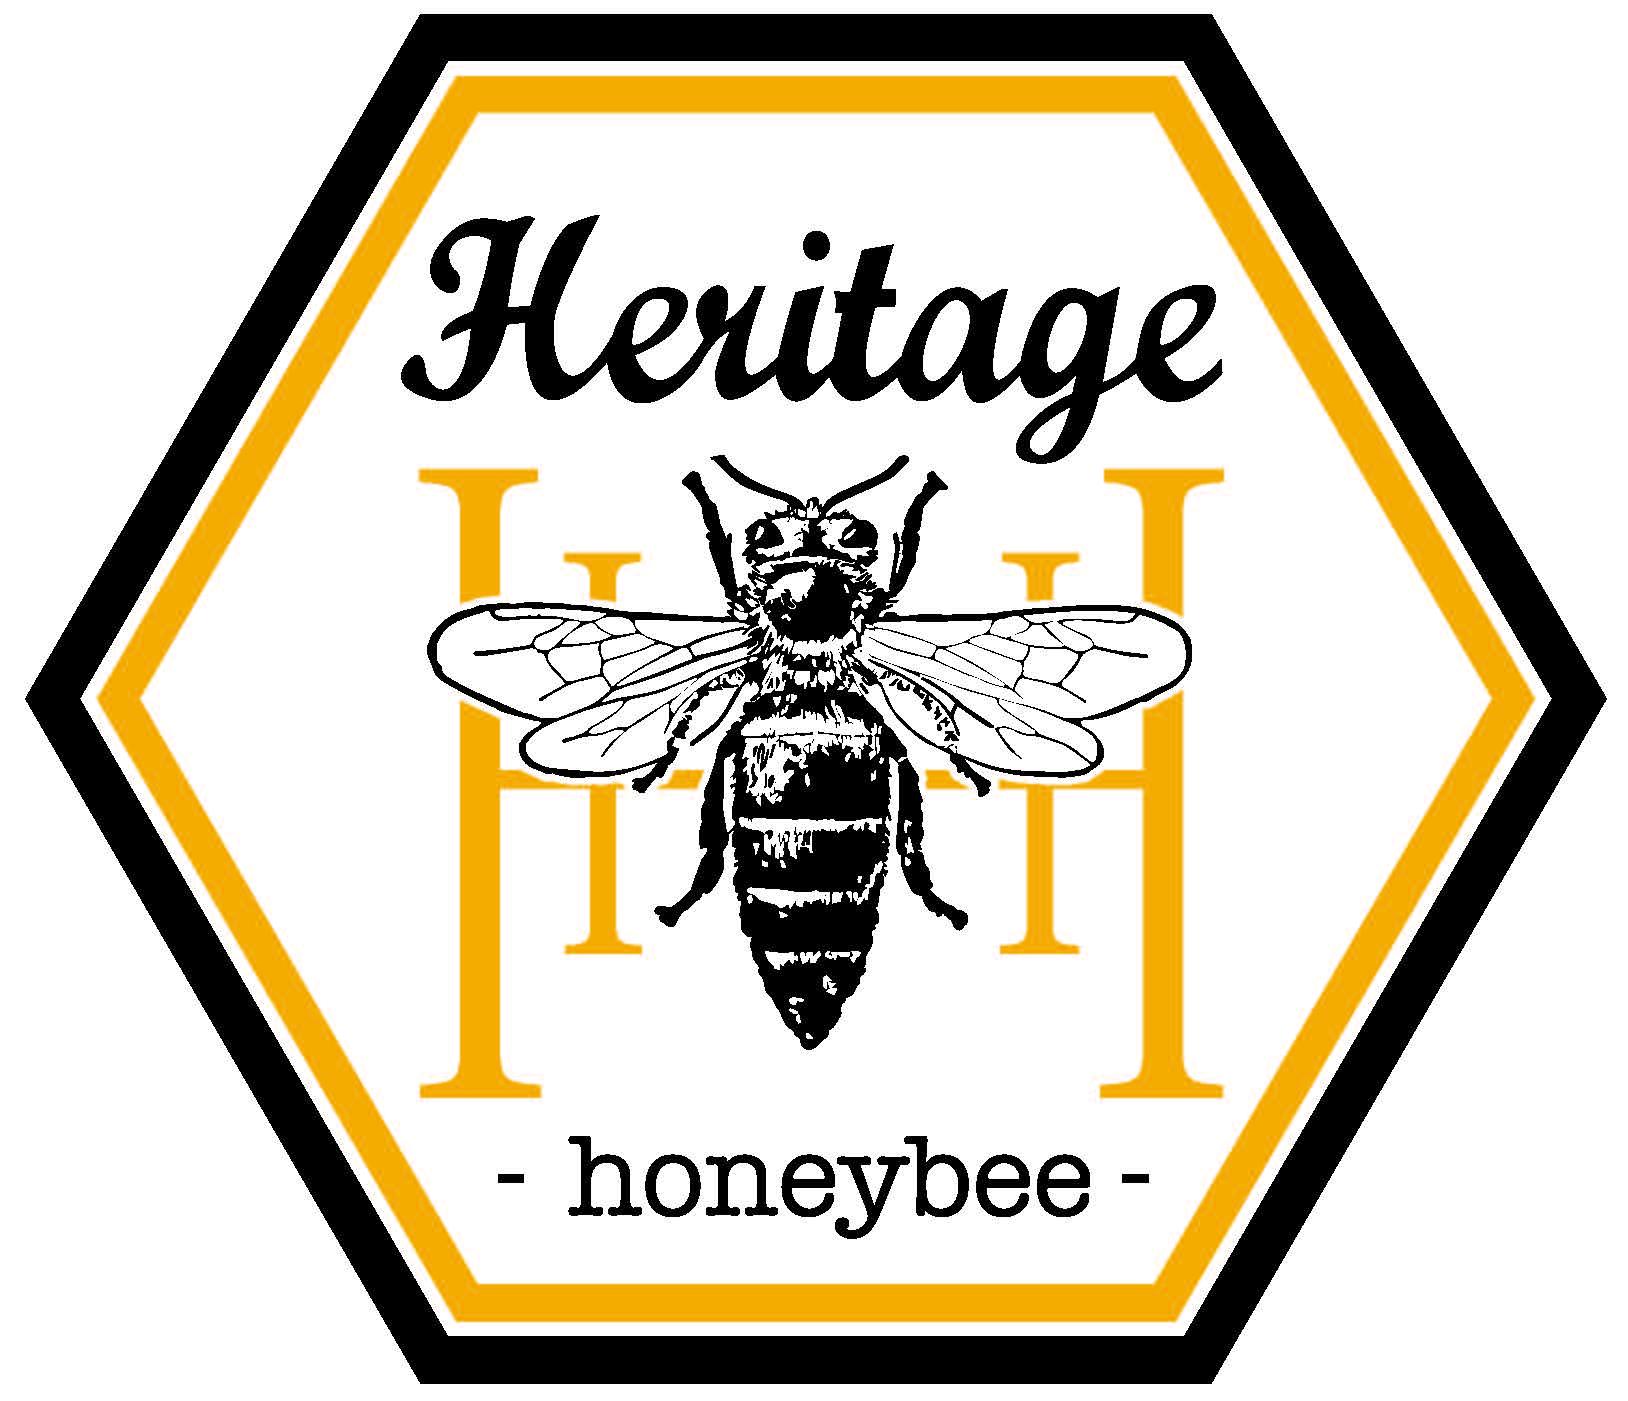 Heritage Honeybee